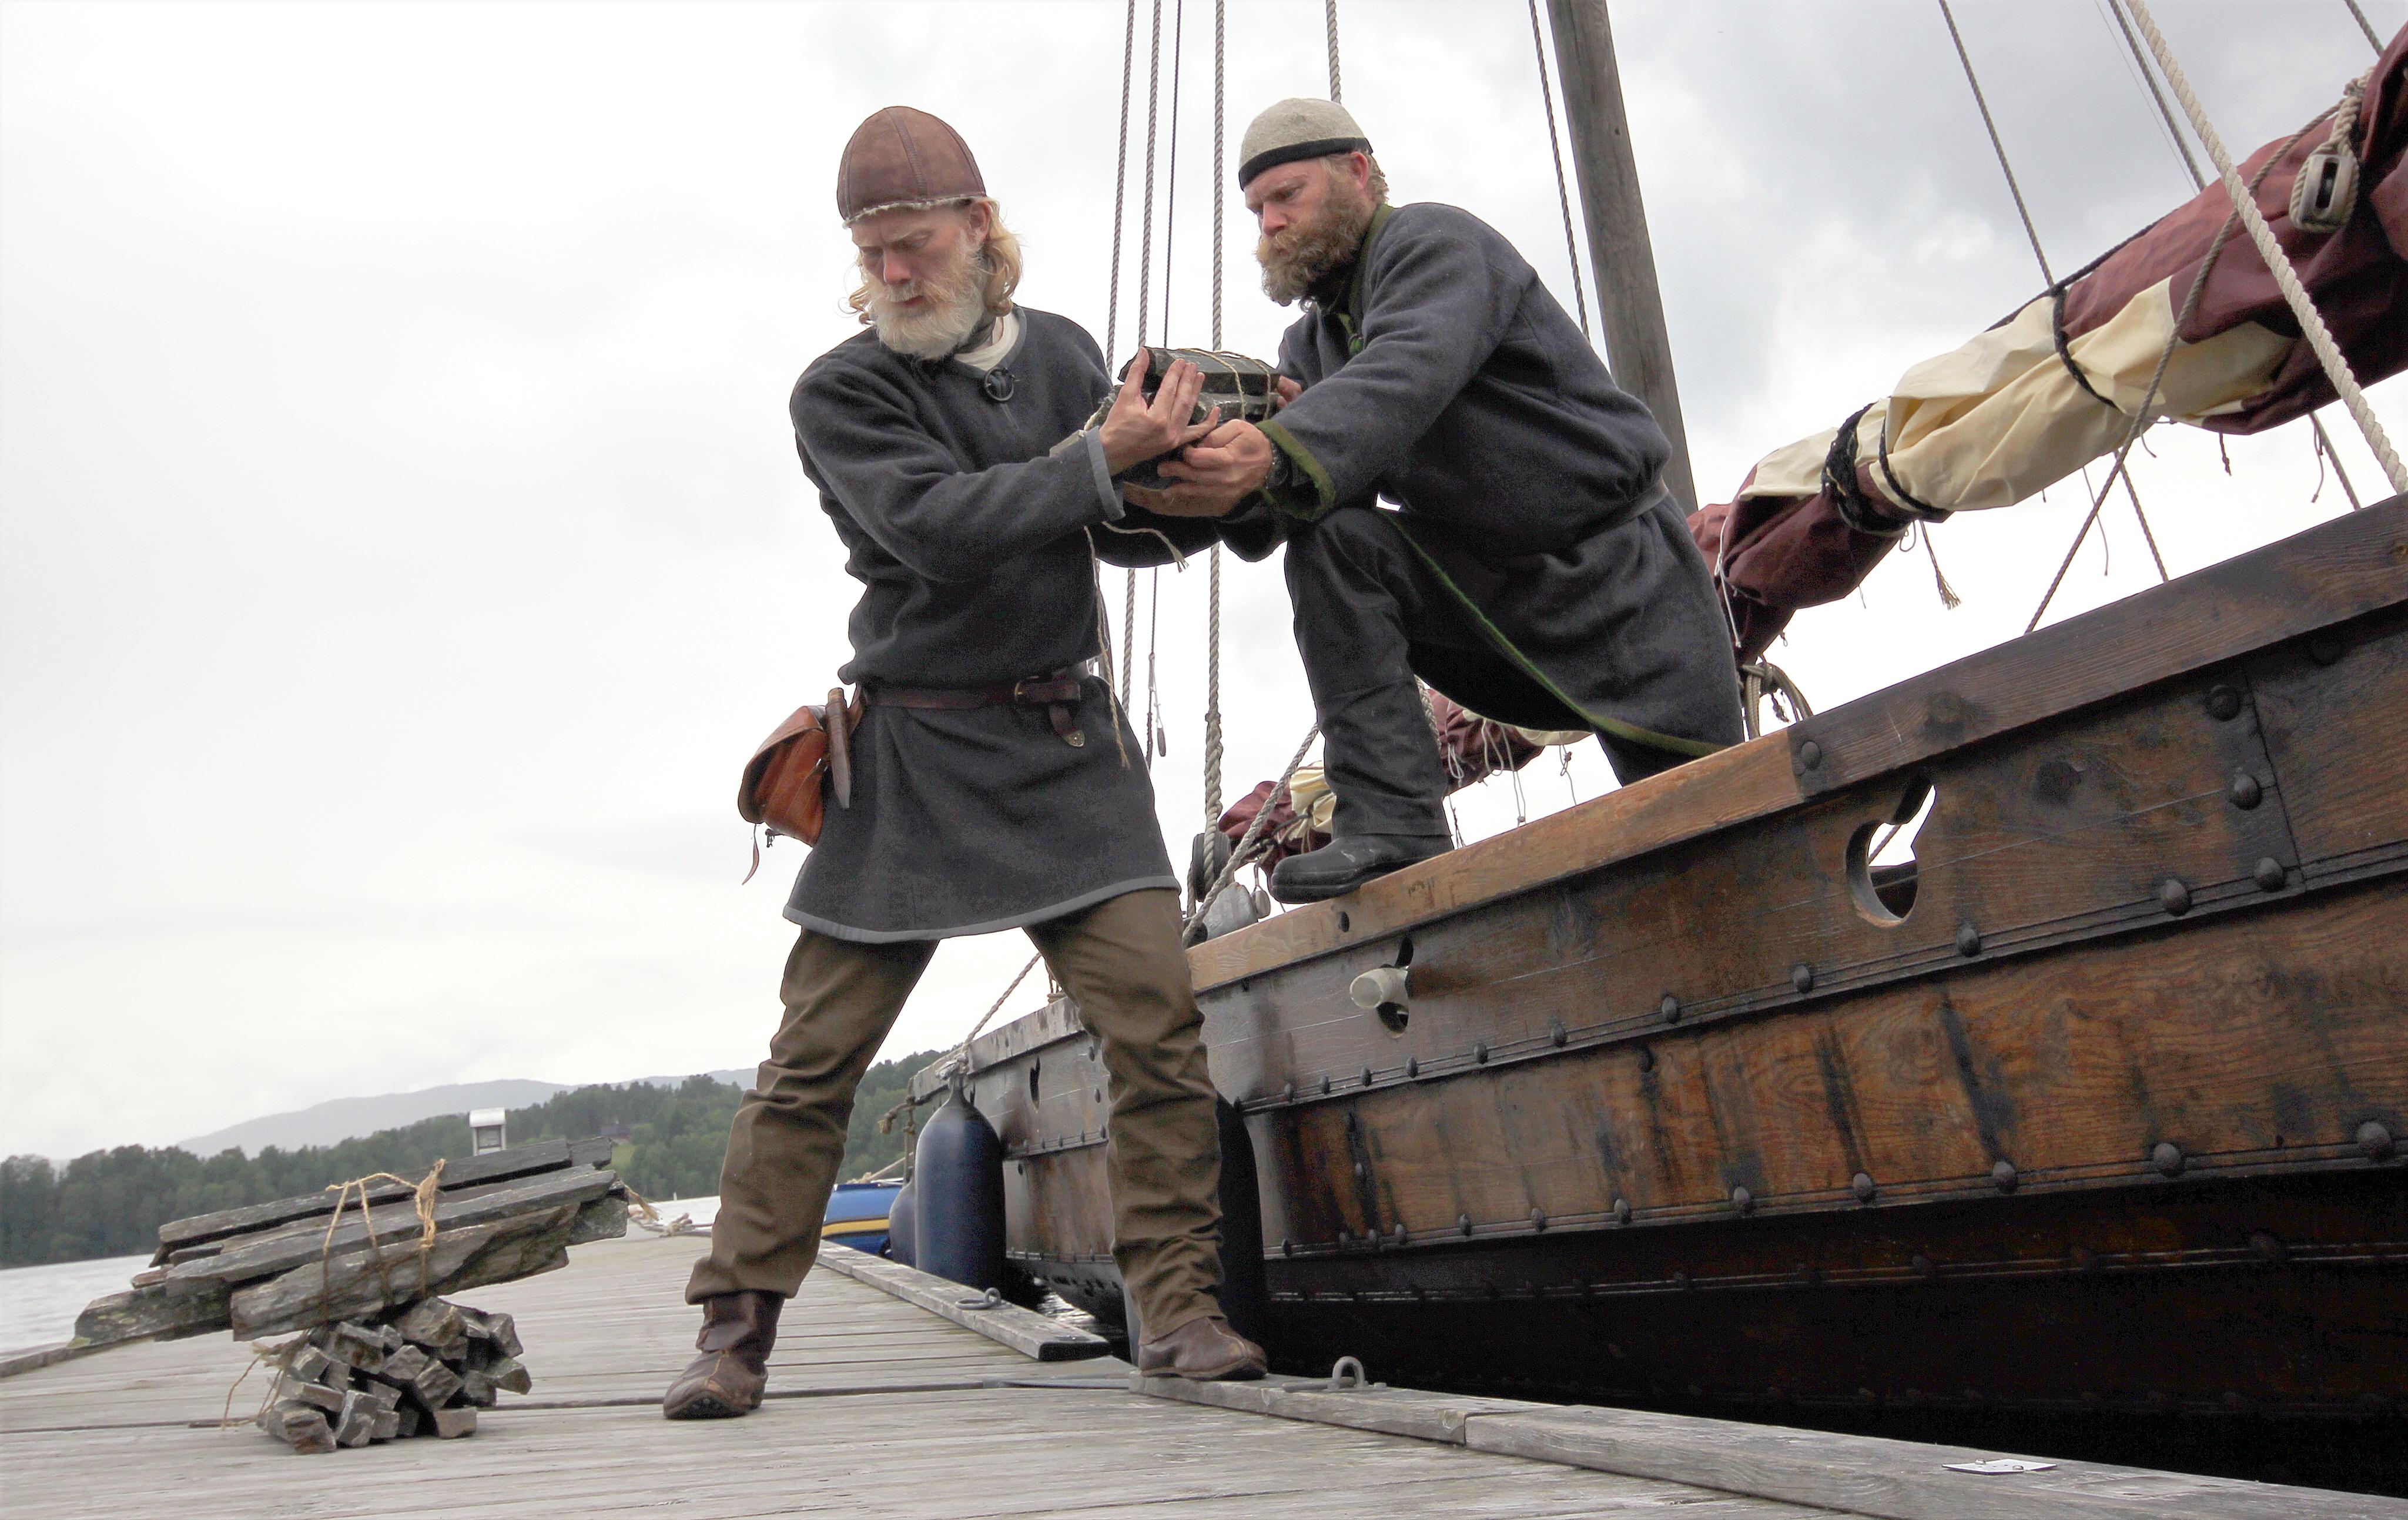 BRYNESTEIN: Brynesteinane frå Telemark kan identifiserast, og dei er funne i heile den nordeuropeiske vikingverda. Foto: Olavs menn